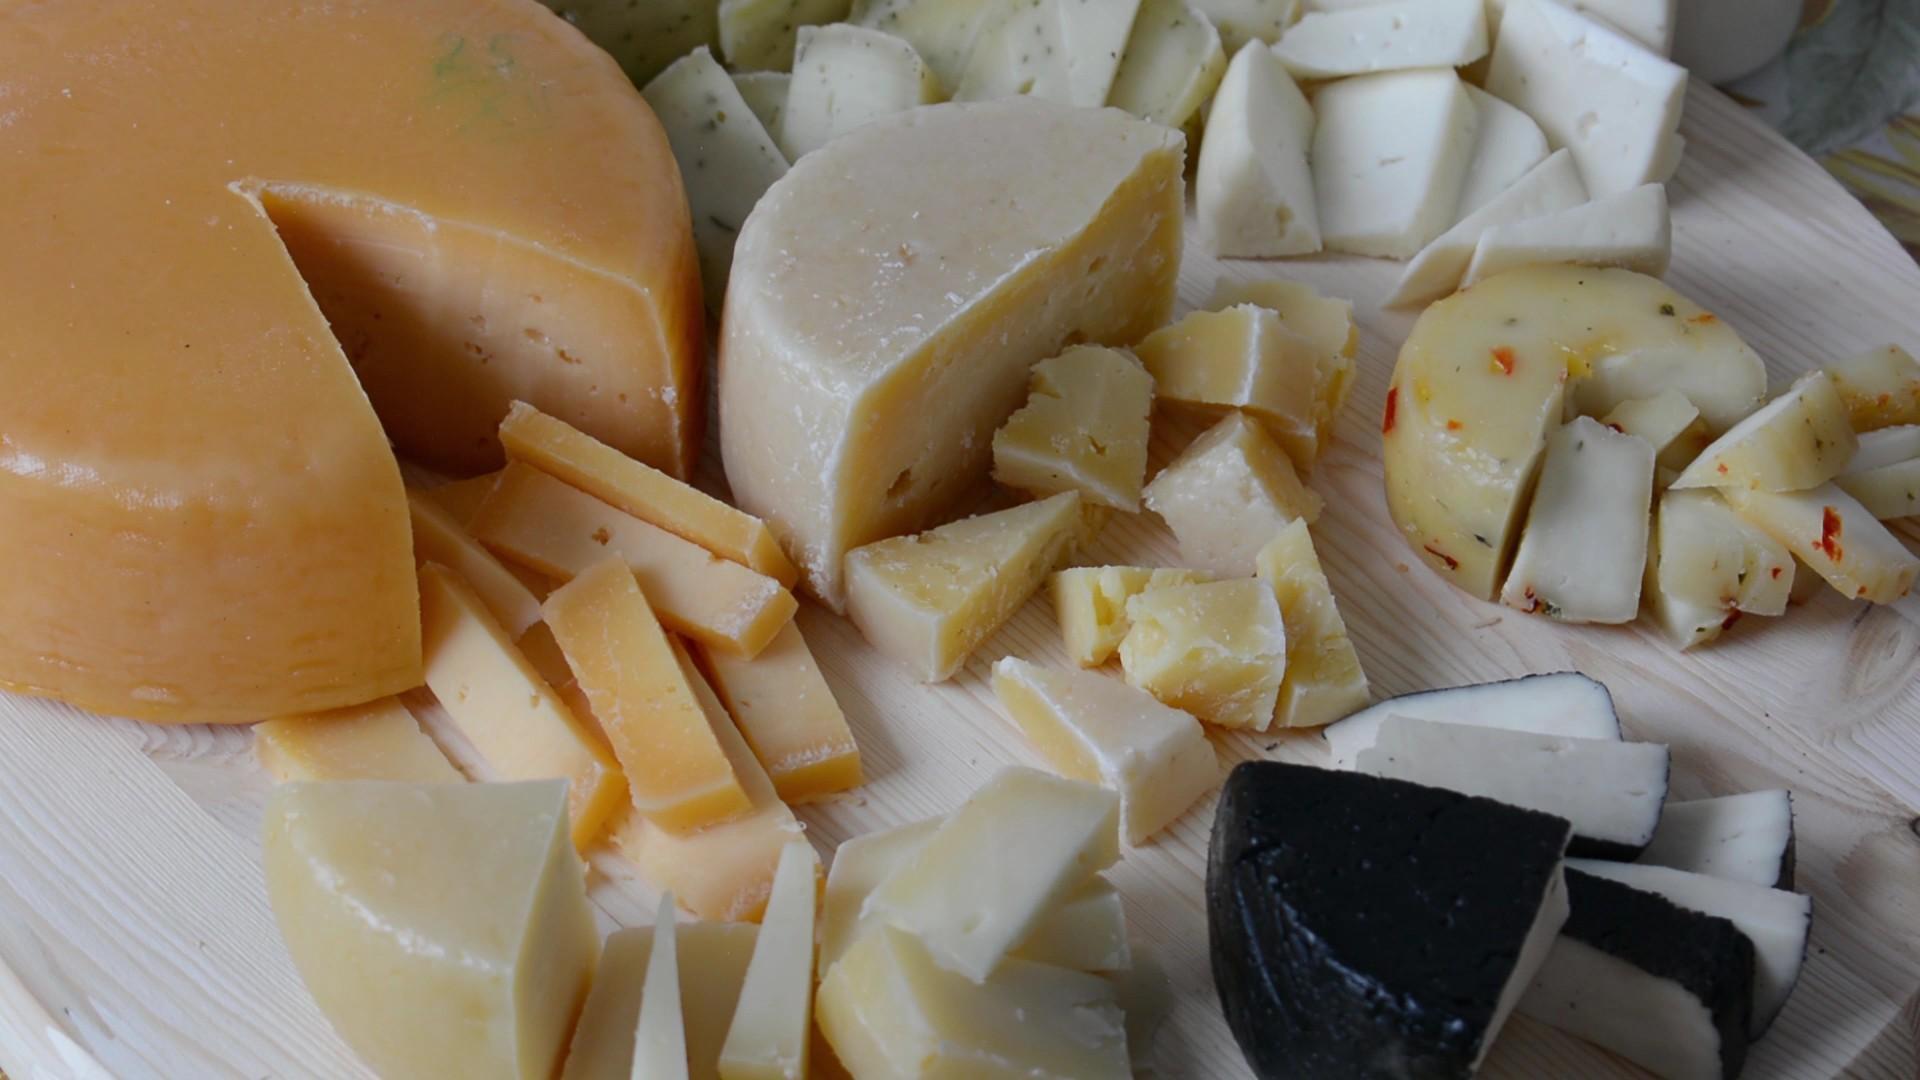 форм негушский сыр фото люблю больших